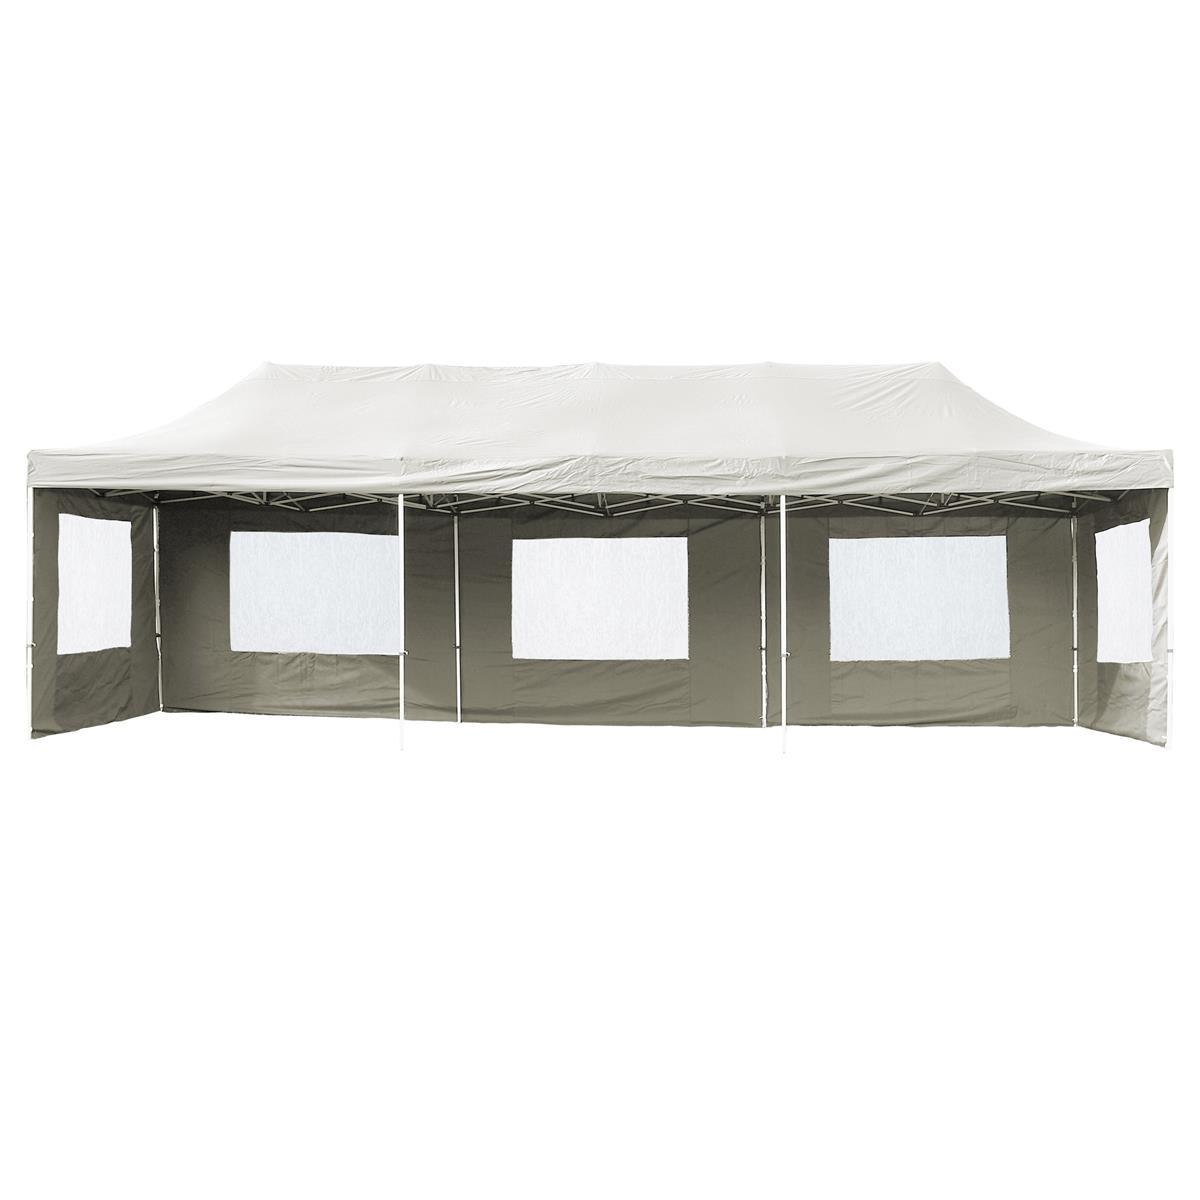 PROFI Faltpavillon Partyzelt 3x9 m weiß mit Seitenteilen wasserdichtes Dach